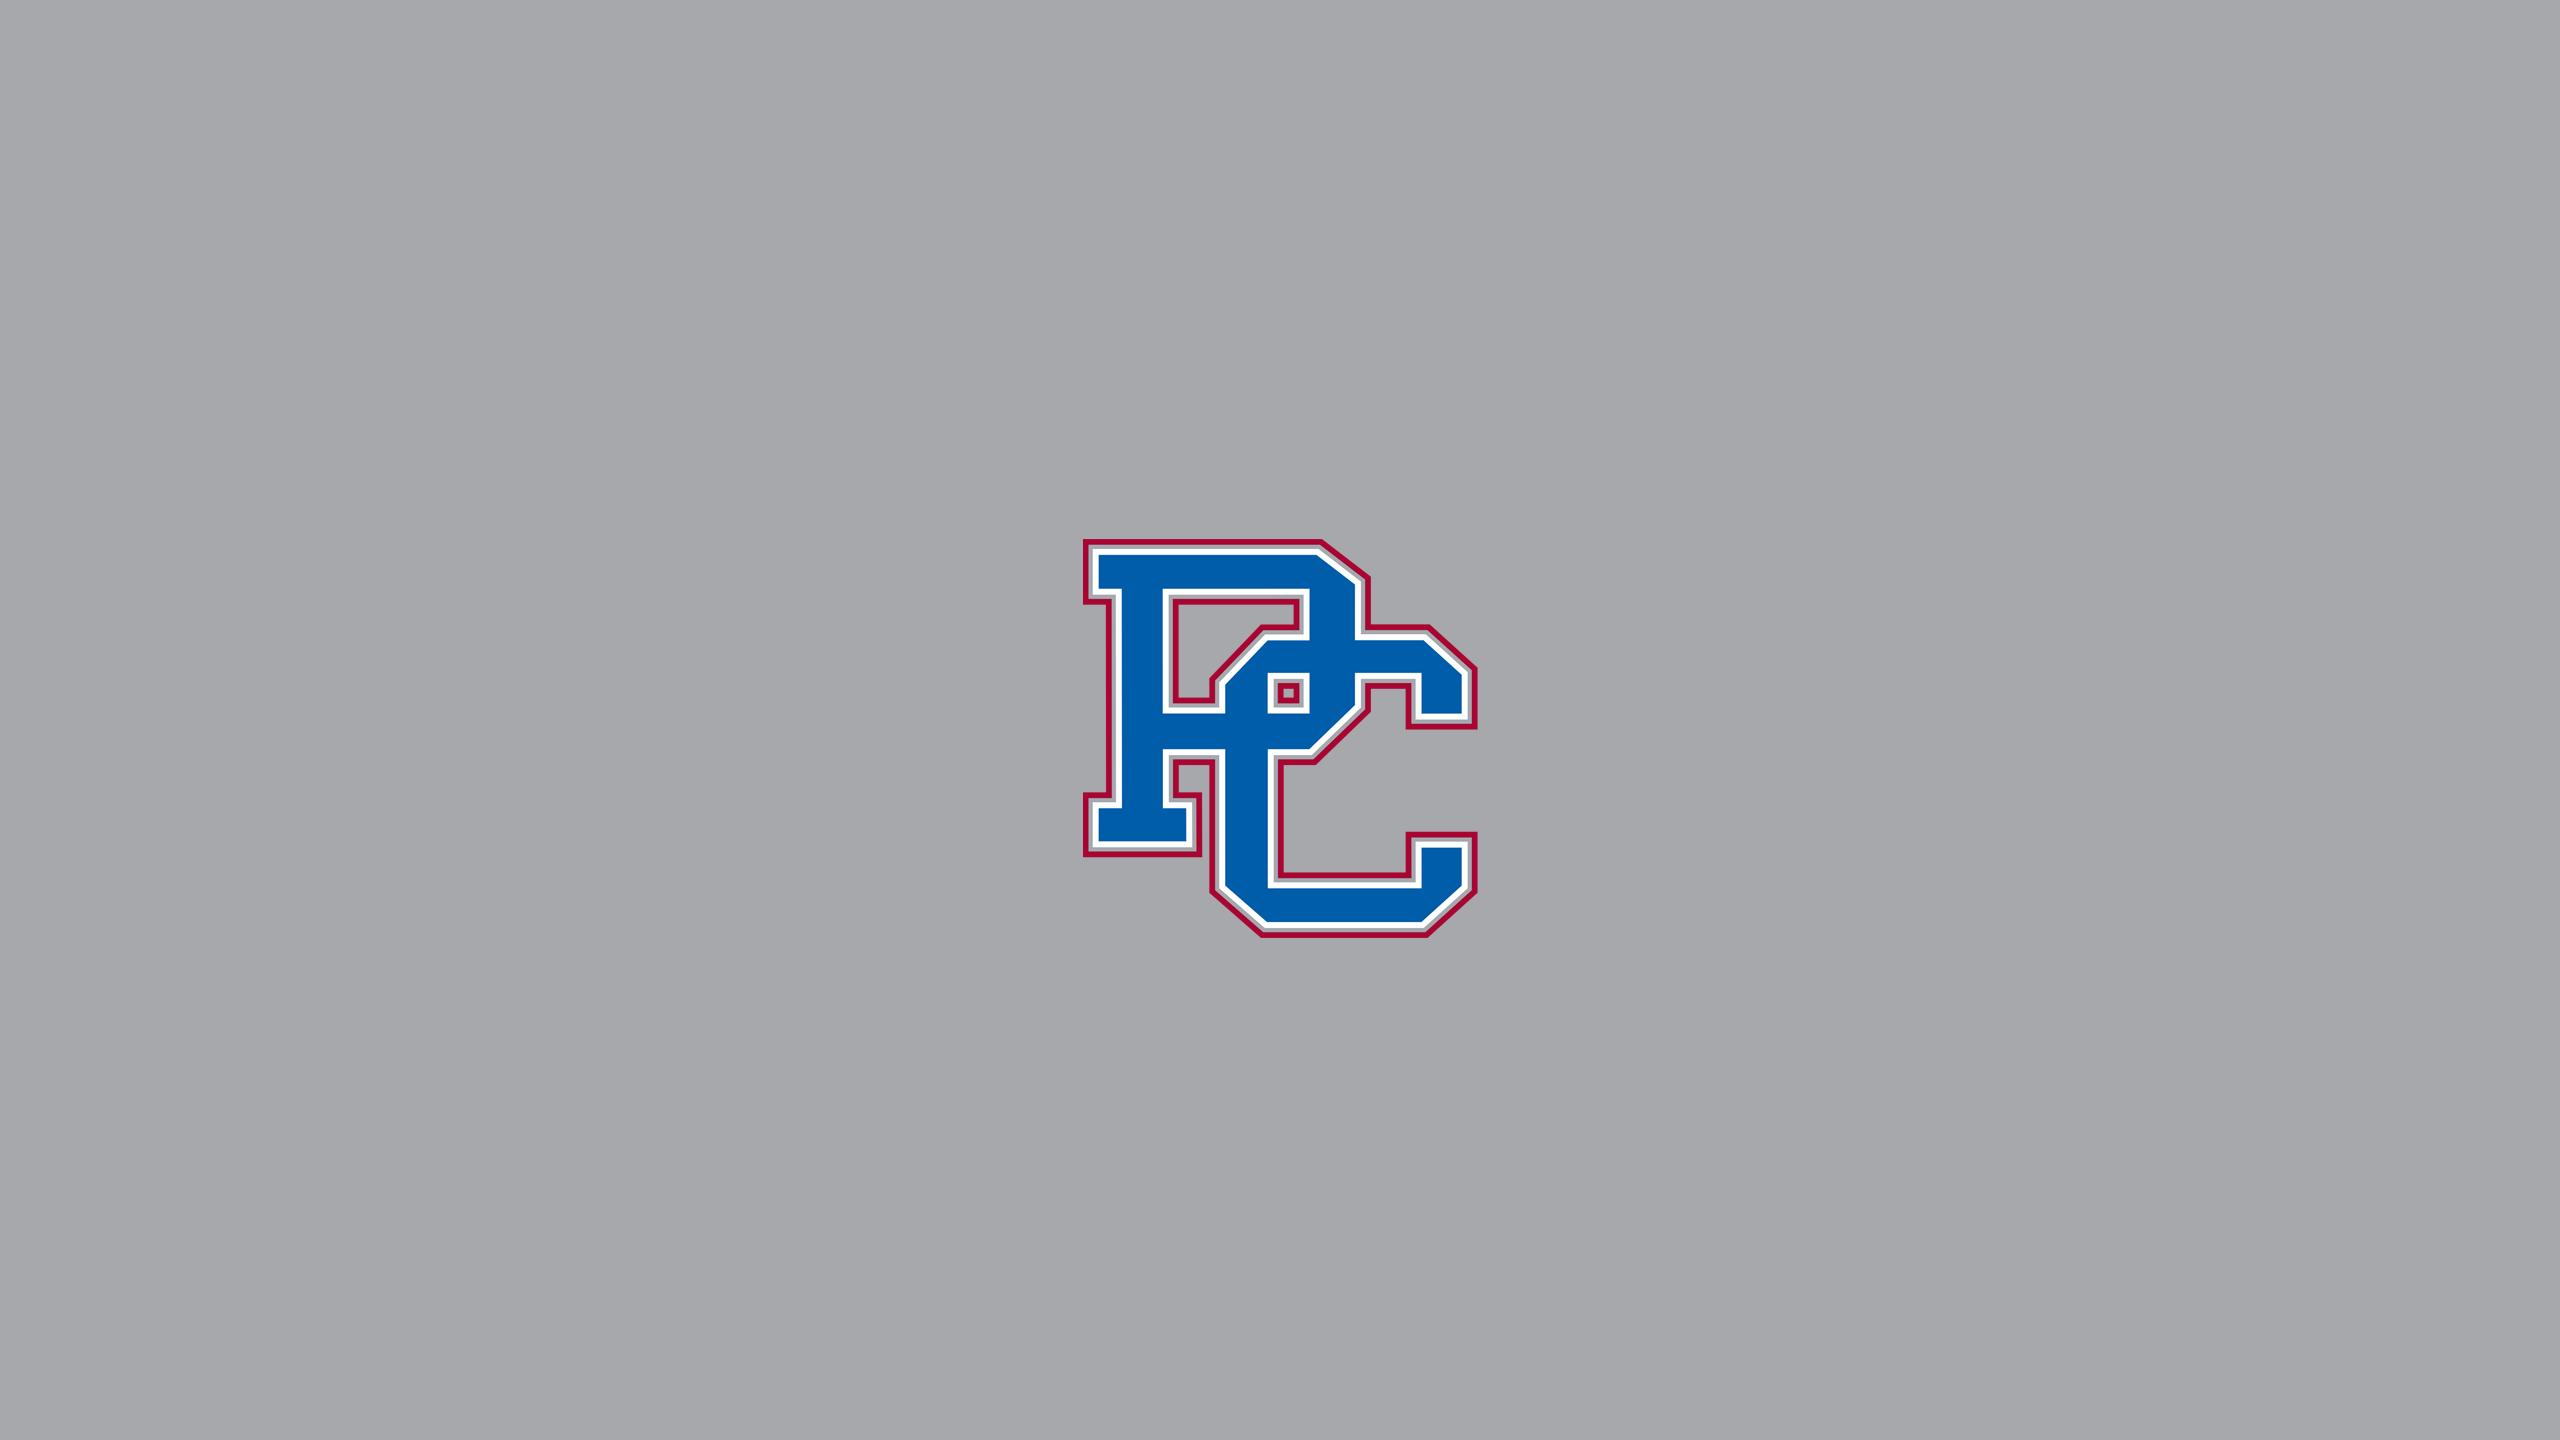 Presbyterian College Blue Hose